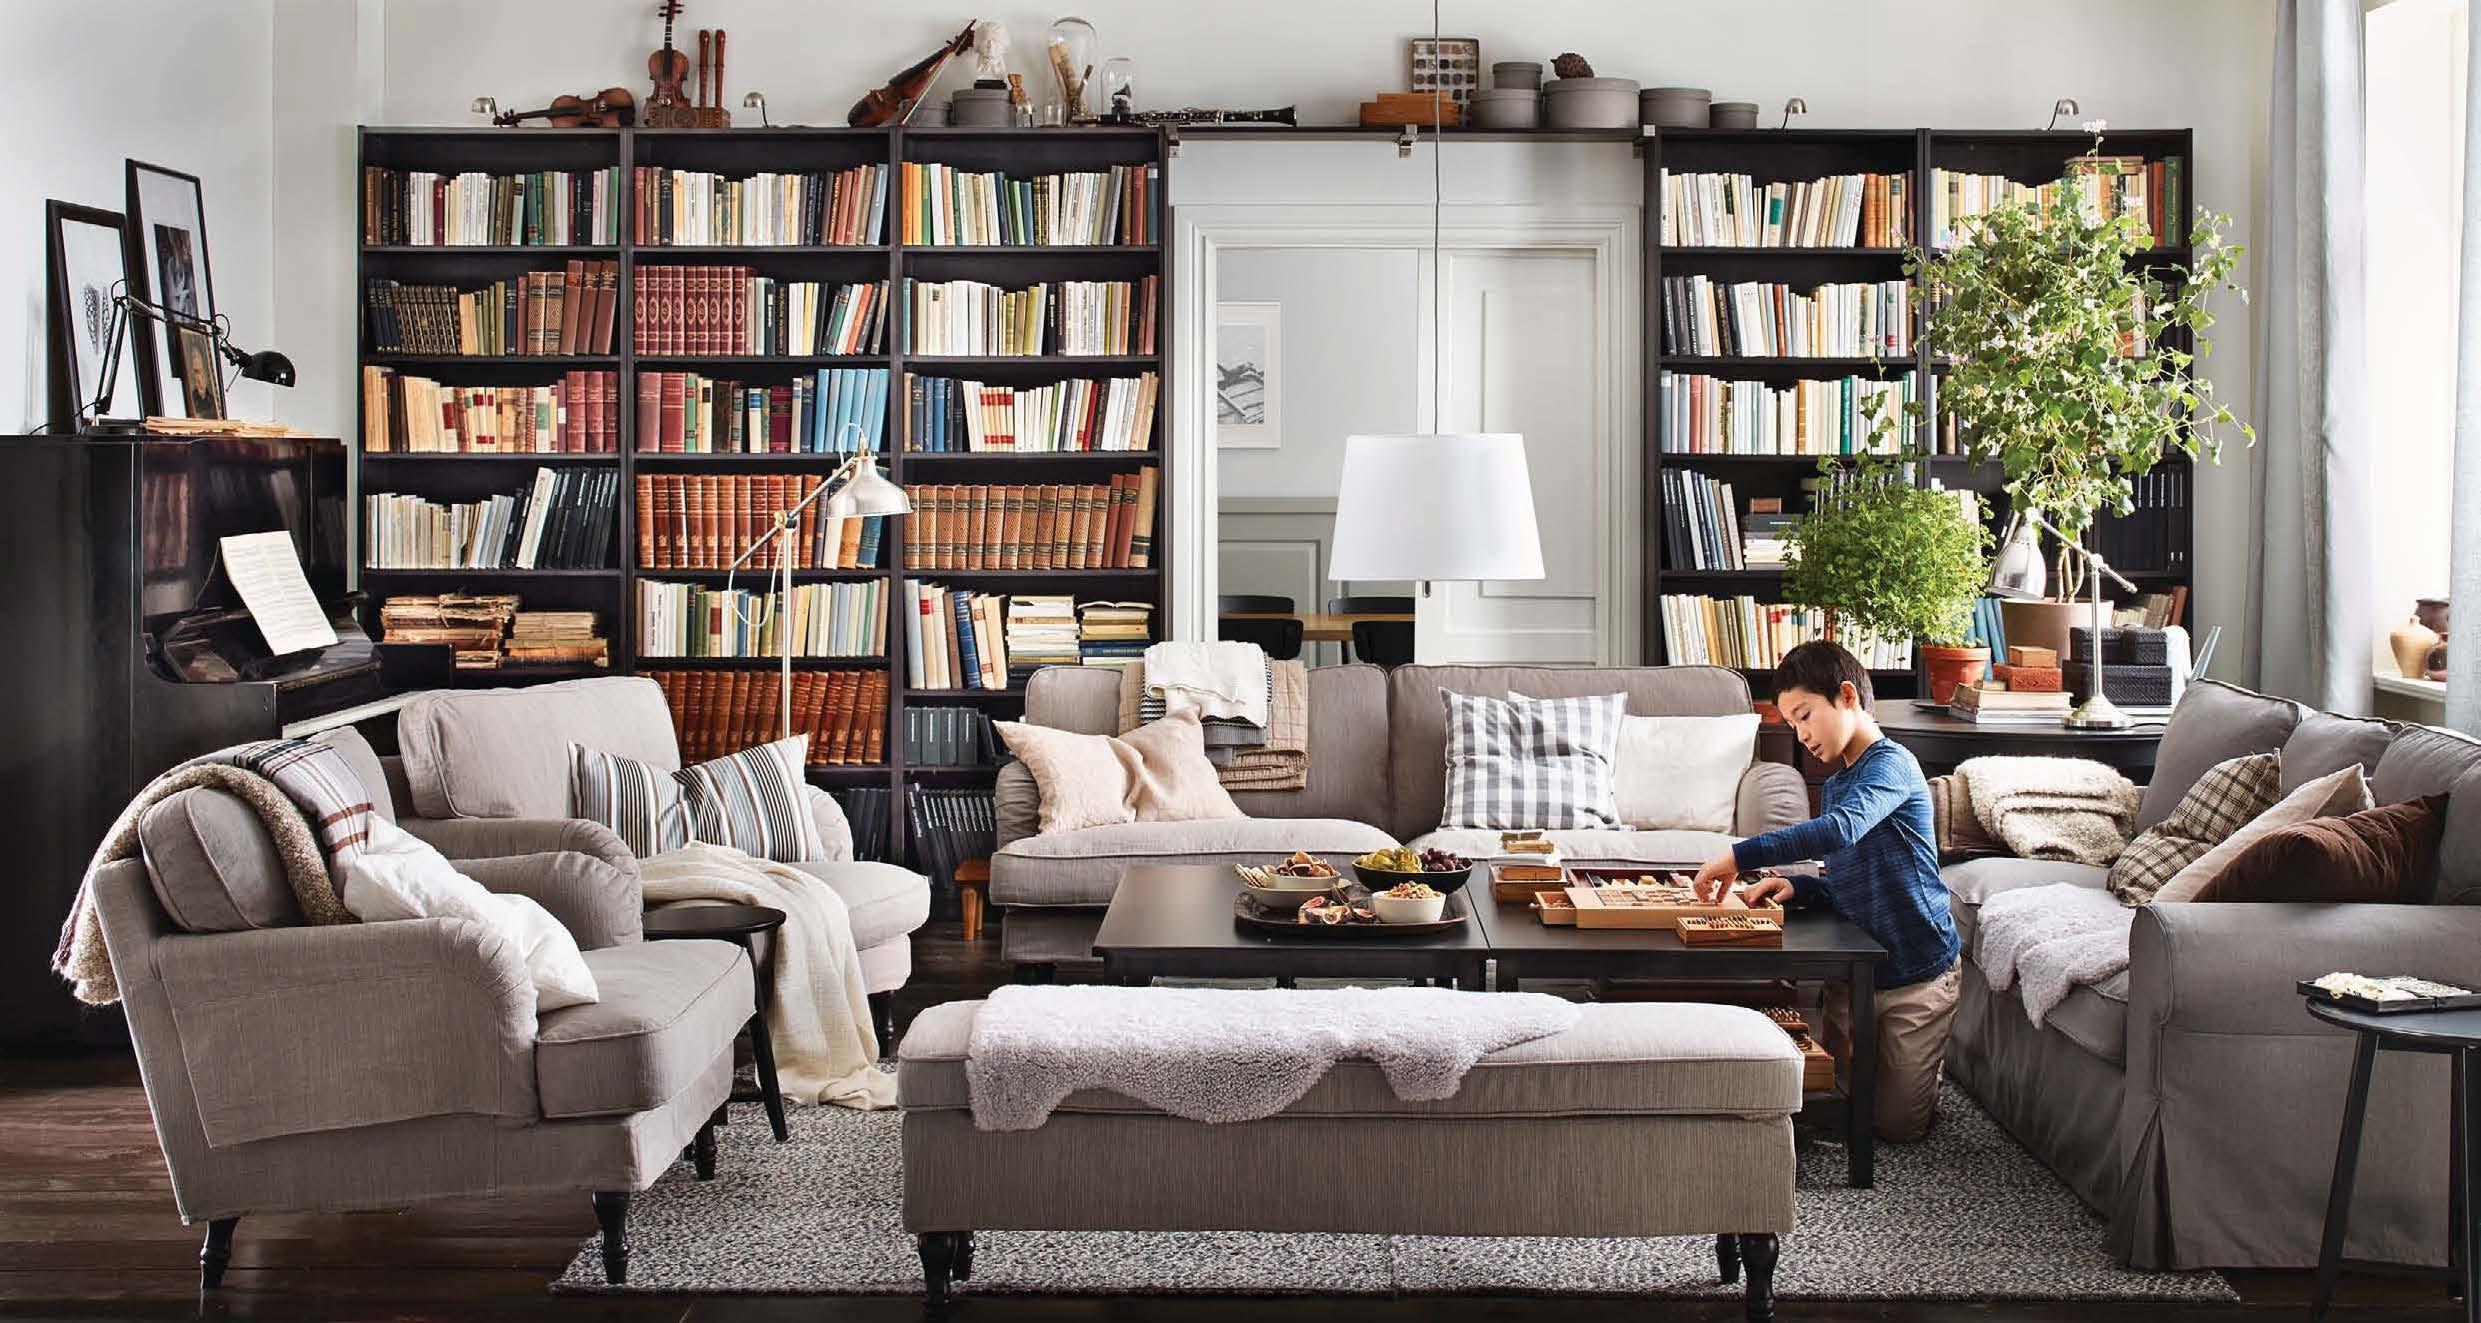 livingroombookshelves  Interior Design Ideas